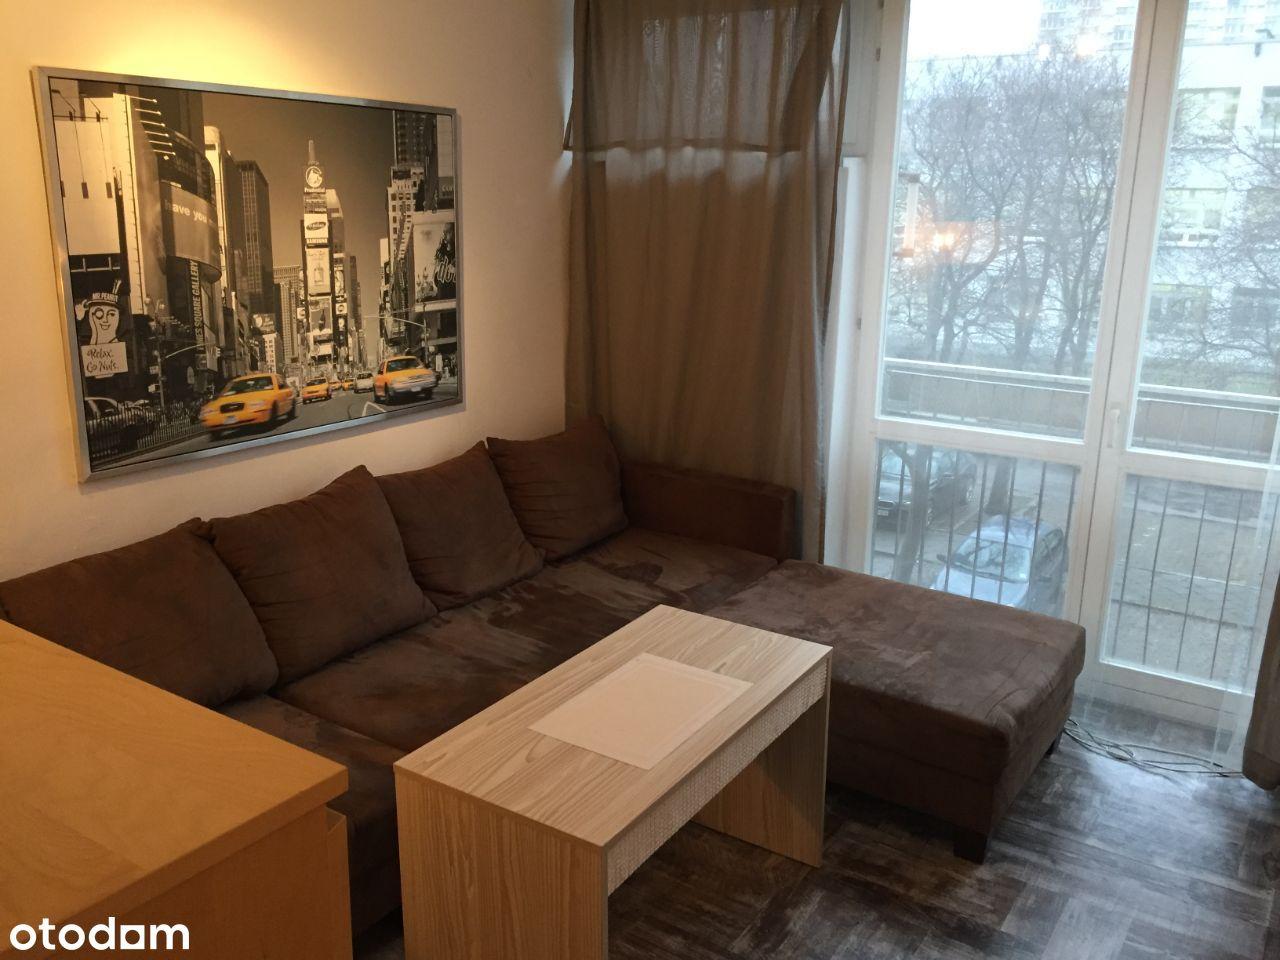 Sprzedam mieszkanie Al. Jana Pawła II 26, Warszawa